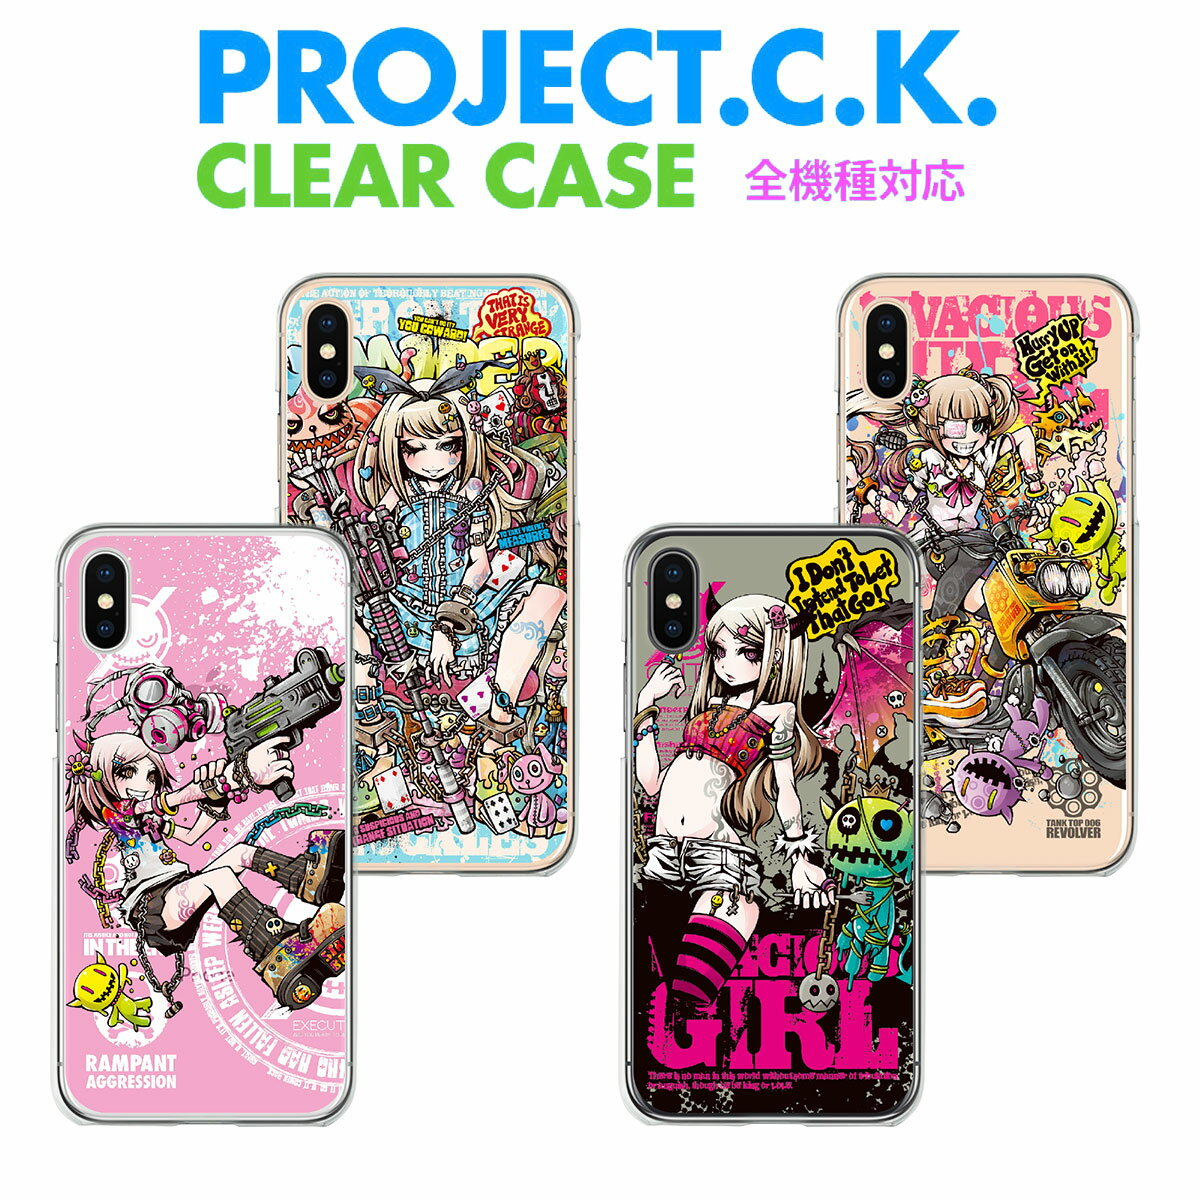 スマホケース 全機種対応 ケース カバー ハードケース クリアケース iPhoneXS Max iPhoneXR iPhoneX iPhone8 Plus iPhone7 iPhone6s iPhone6 Plus iPhone SE 5s Xperia XZ2 XZ1 XZ XZs SO-05K SO-03K aquos R2 R SH-03K galaxy S9 S8 Project.C.K. 11-zen-ca001